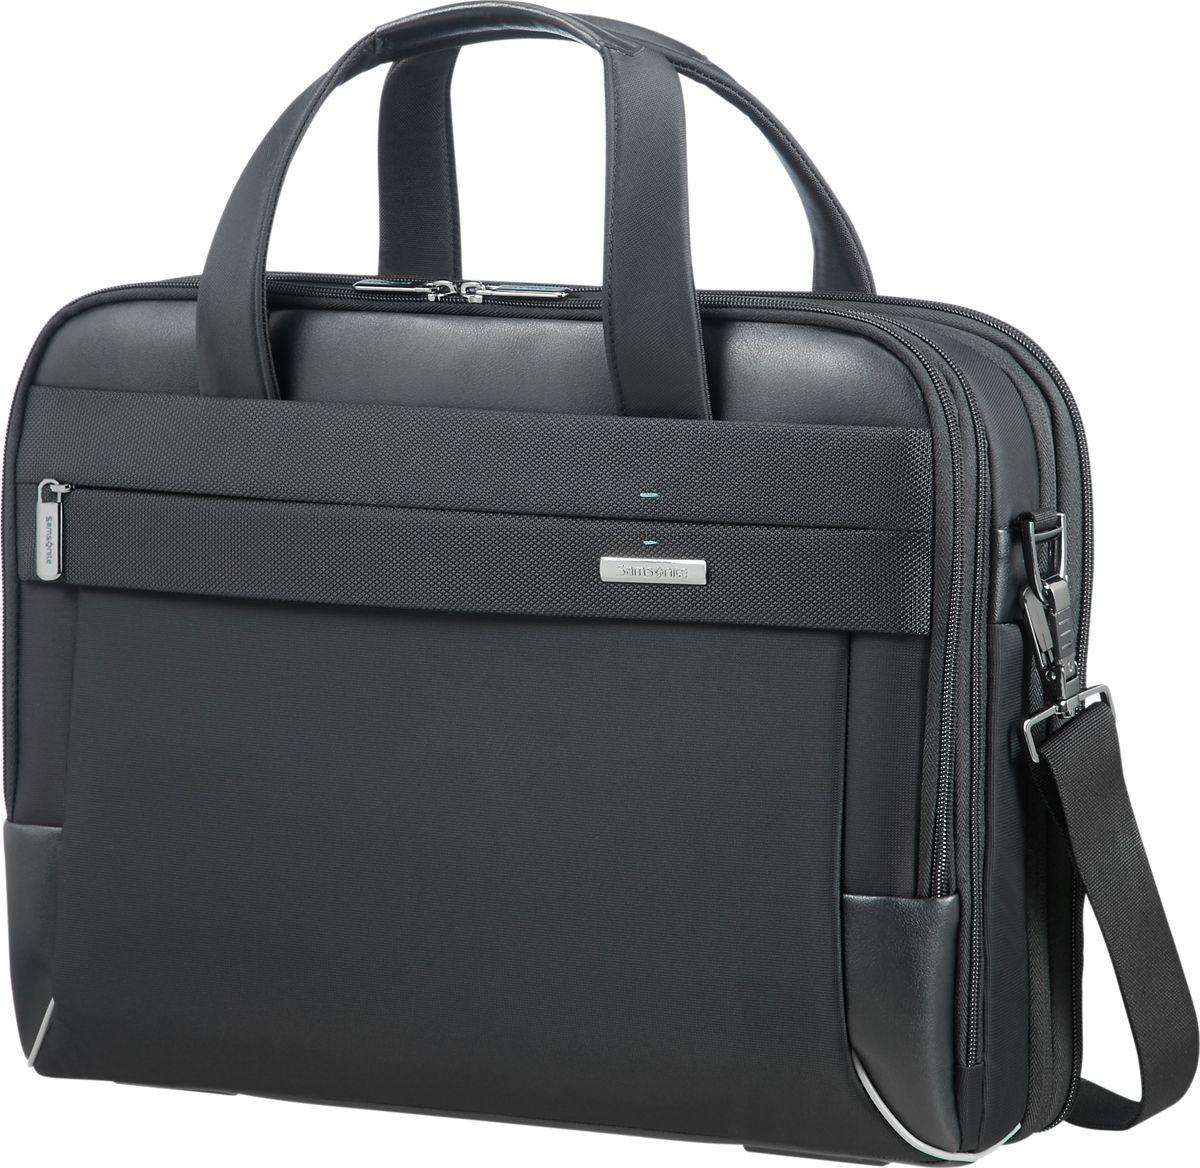 Сумка для ноутбука мужская Samsonite, цвет: черный, 15,6. CE7-09004 samsonite samsonite тотализатор apple macbook air pro рукав портативный компьютер сумка 13 3 дюймовый ноутбук сумка bp5 09001 черный